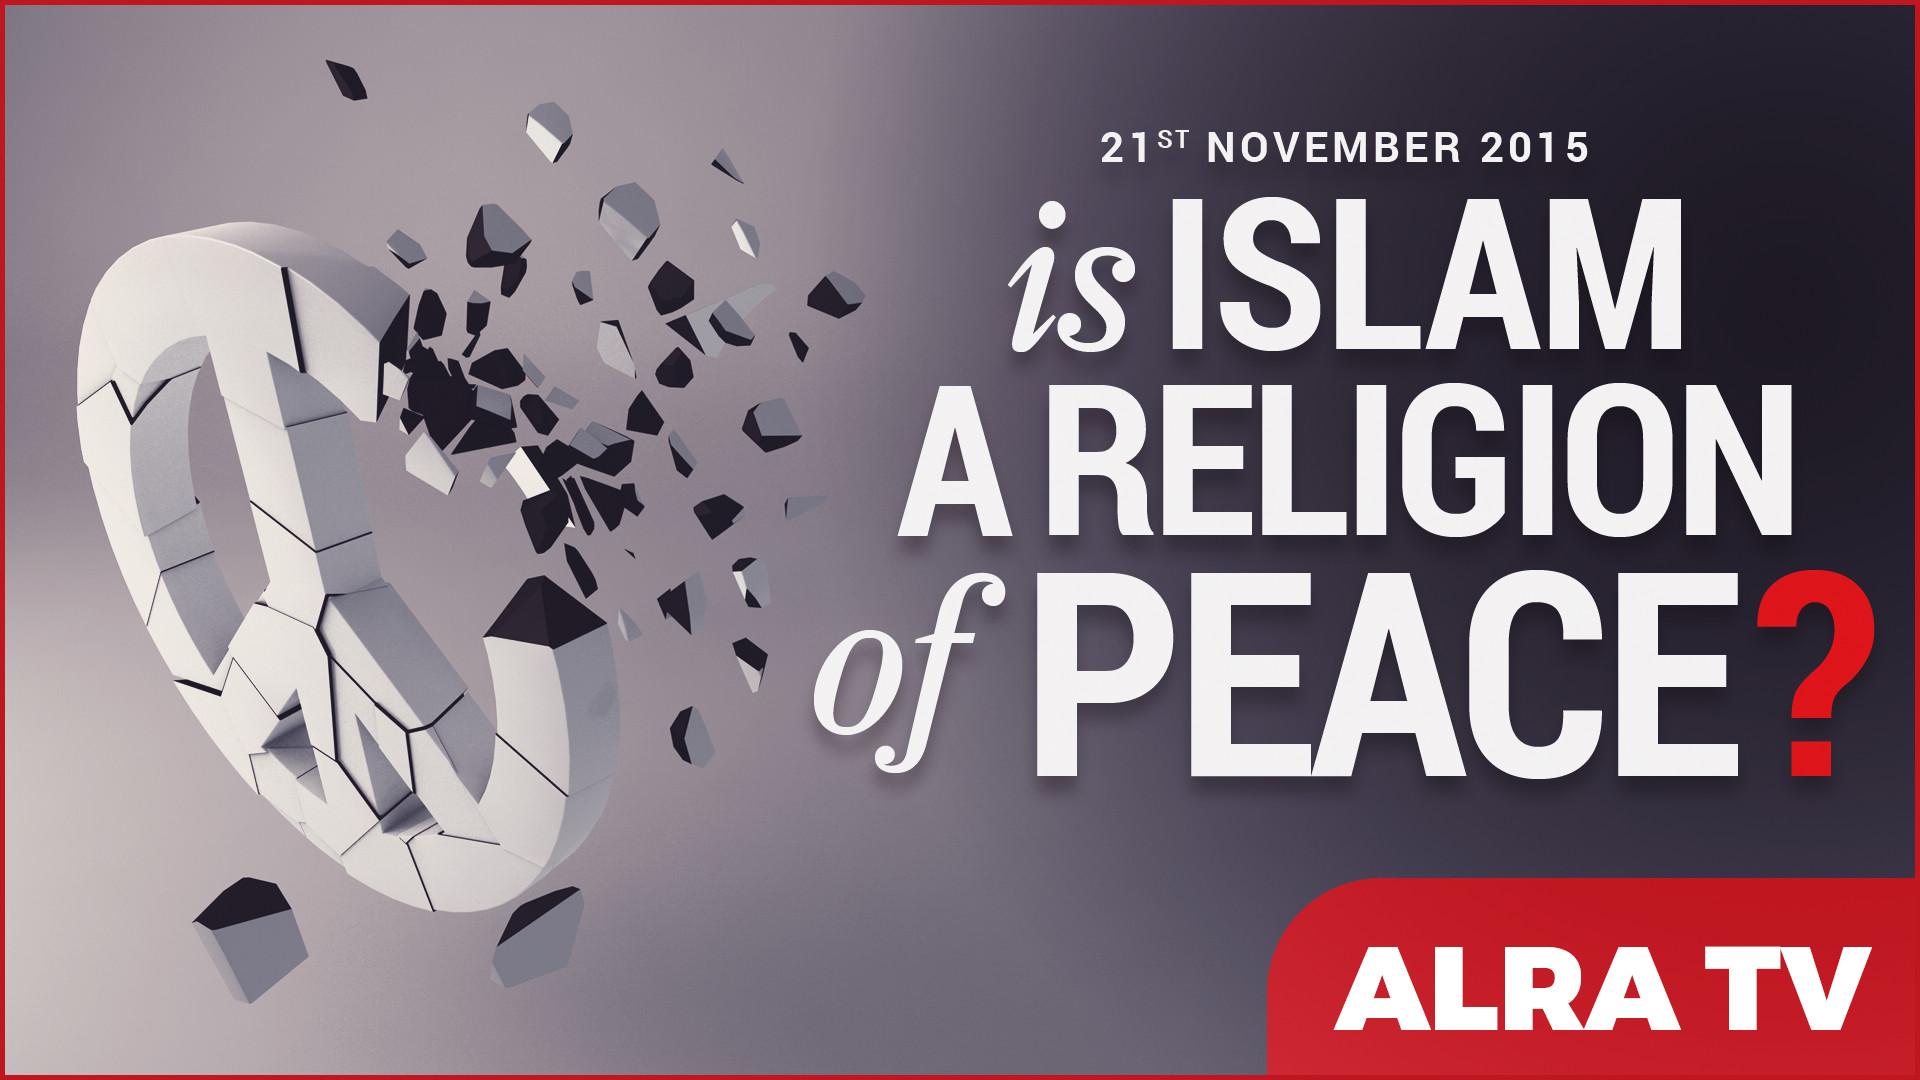 Islam-religion-peace